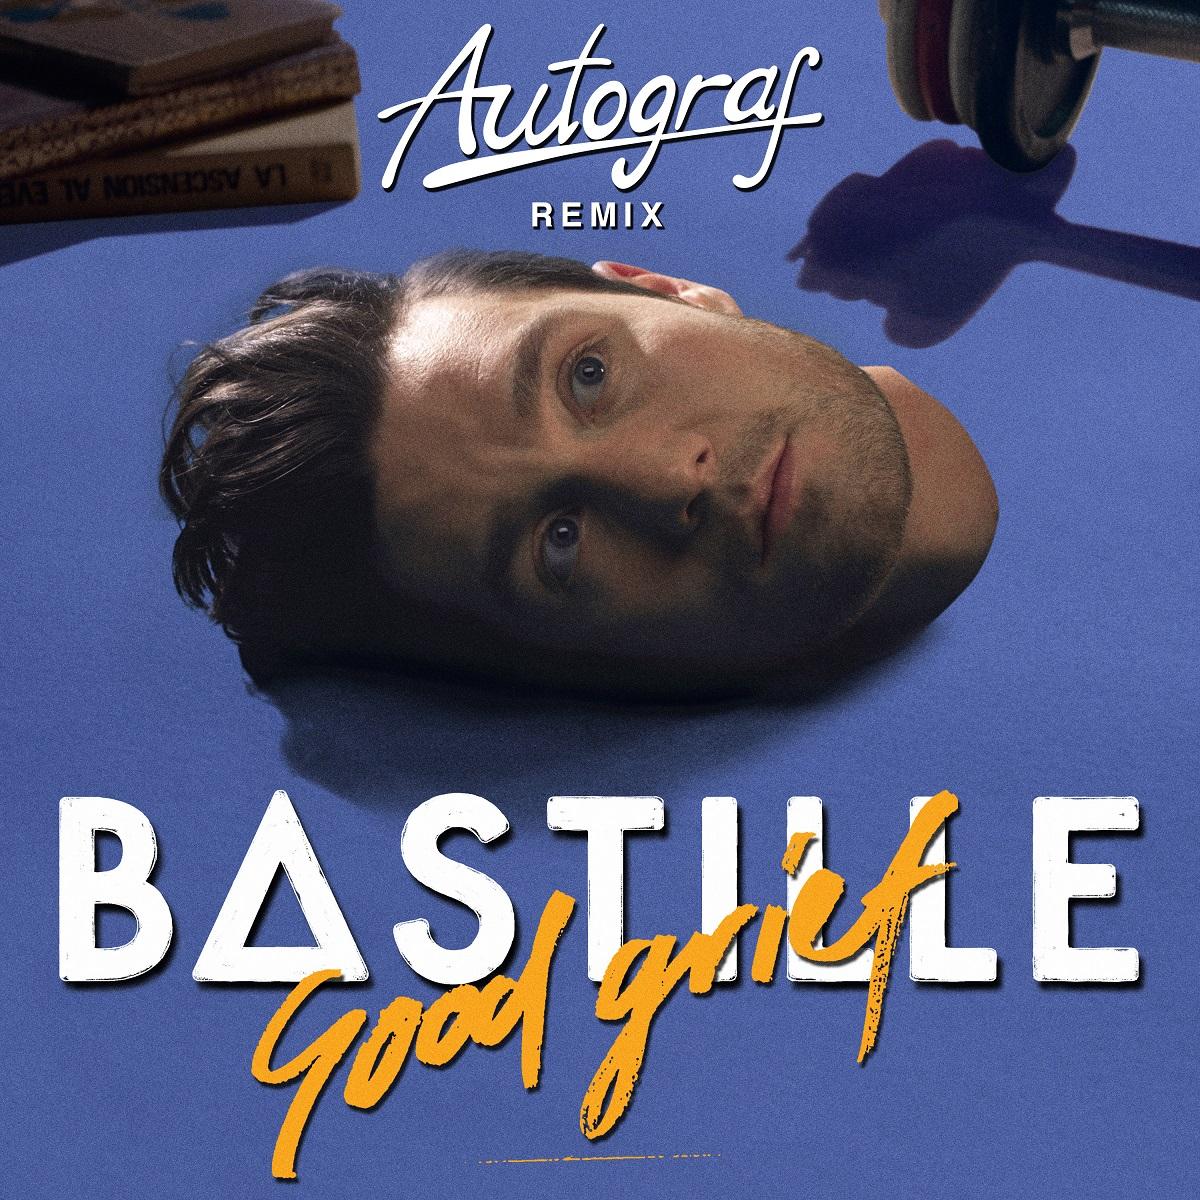 Bastille_GoodGrief_3000x3000remix (1) (1)